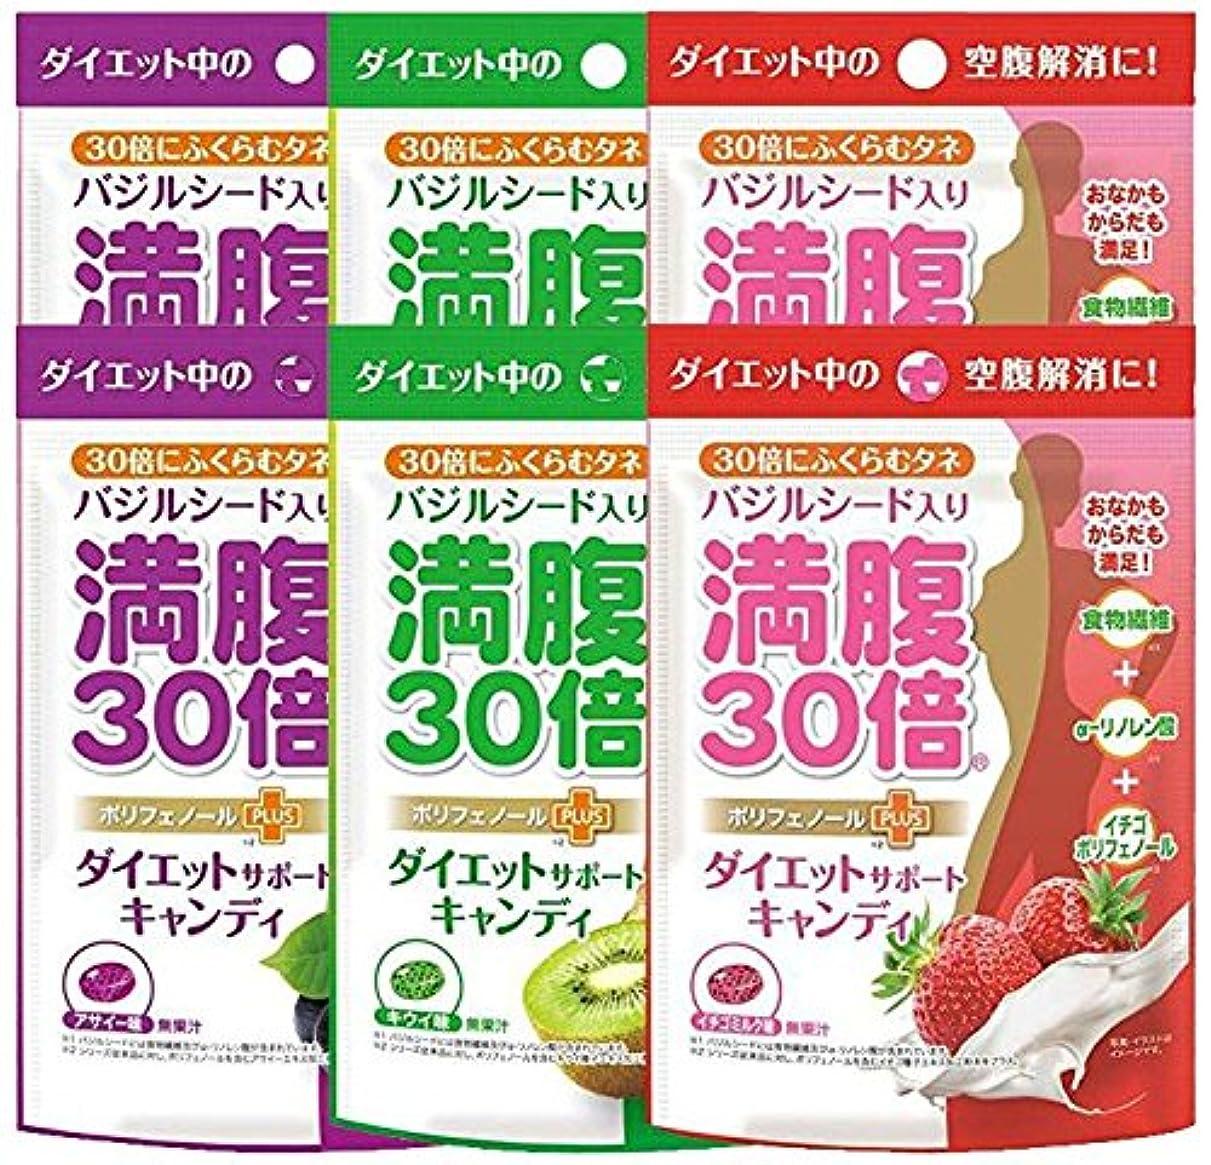 相続人感嘆バン満腹30倍 ダイエットサポートキャンディ 3種アソート( アサイー キウイ イチゴミルク 各2袋) 6袋